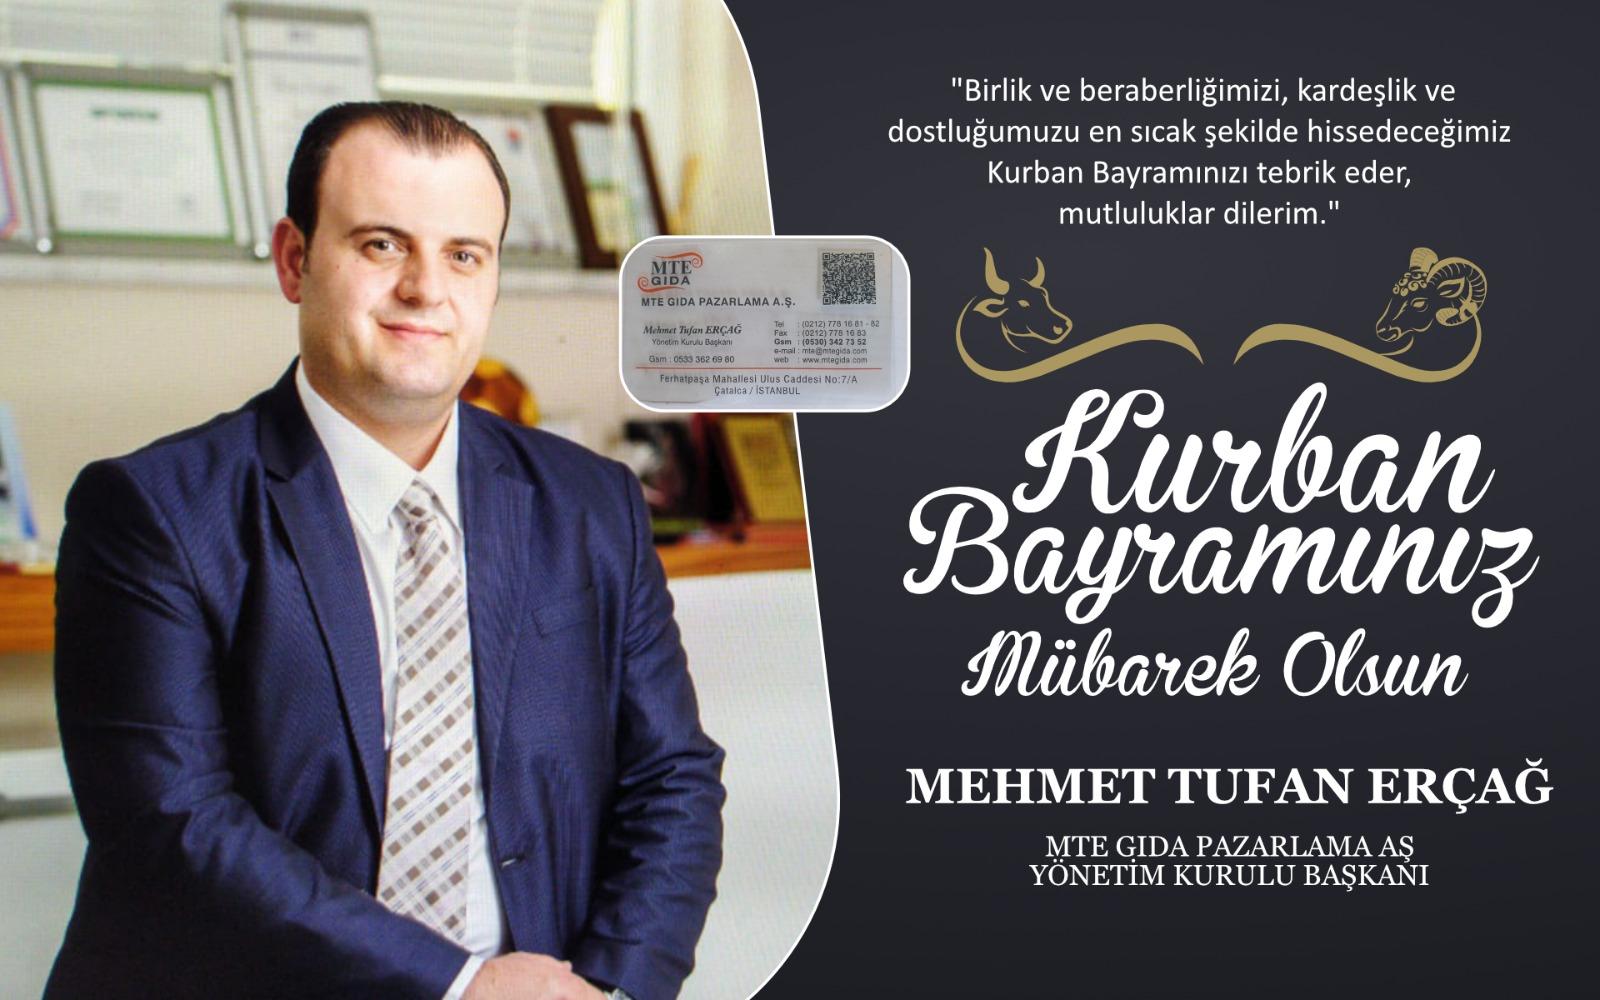 Mehmet Tufan Erçağ'dan Kurban Bayramı Kutlama Mesajı